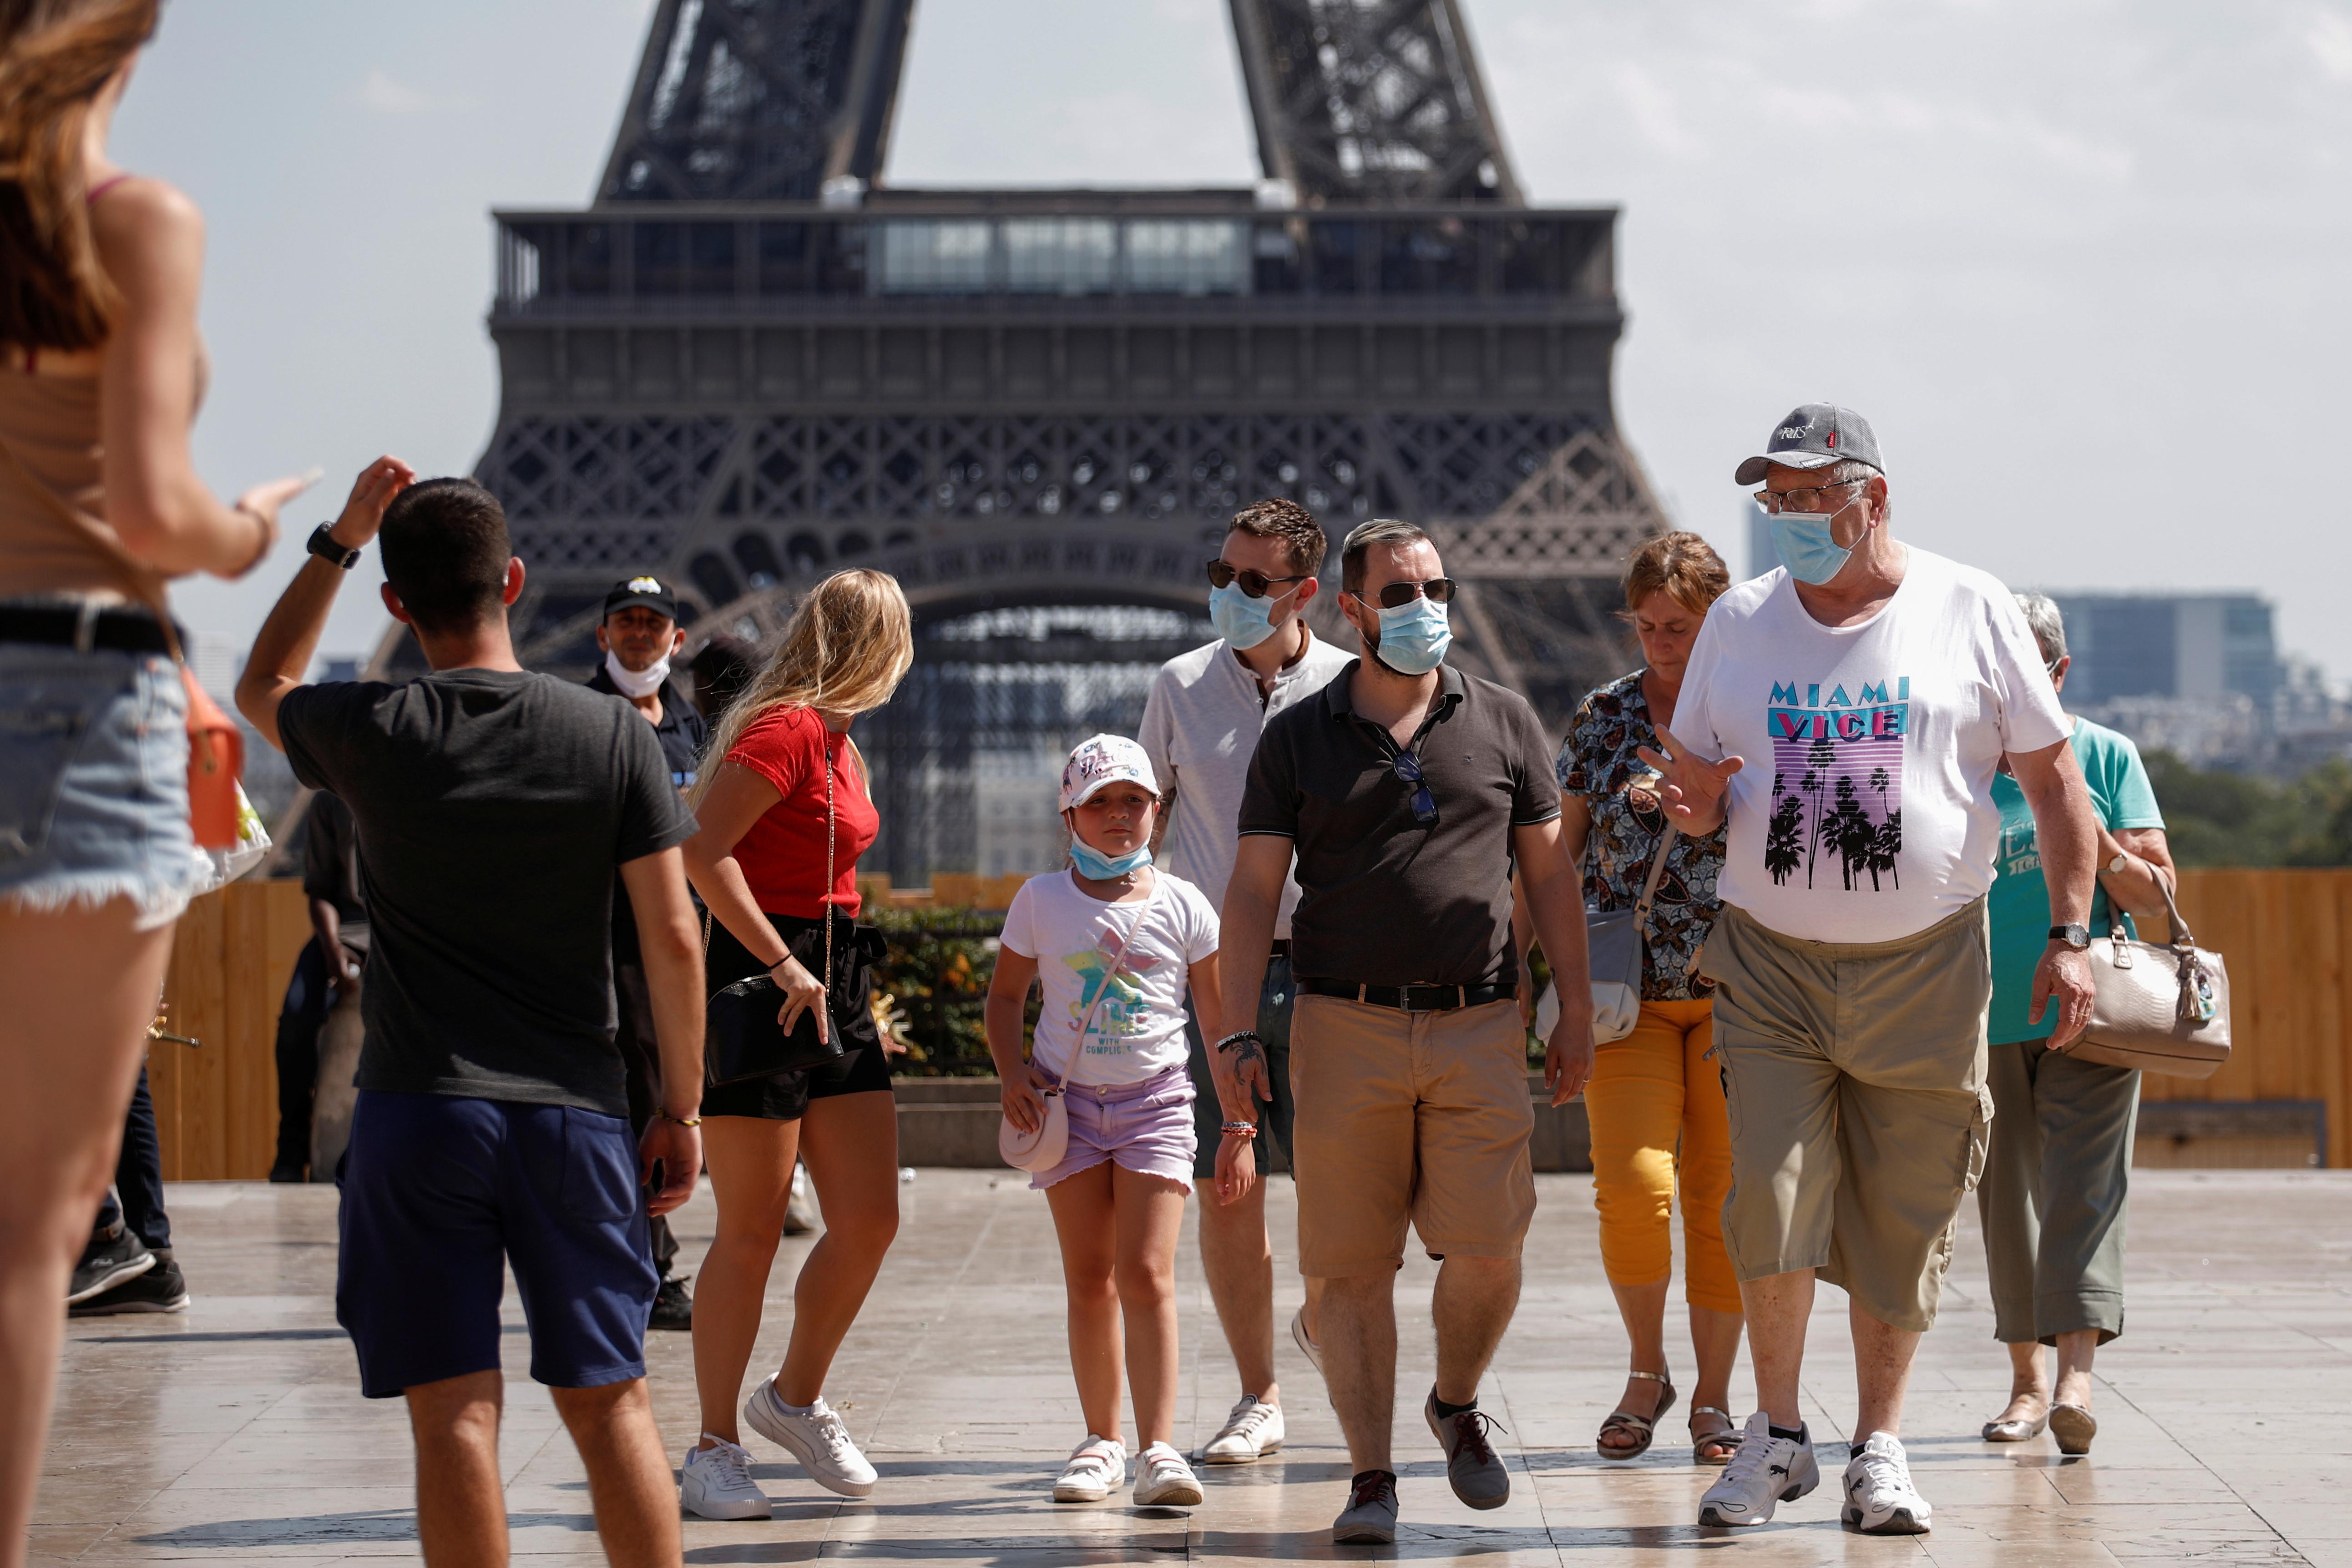 Fransa da iş yerlerinde maske takma zorunluluğu getirildi #2